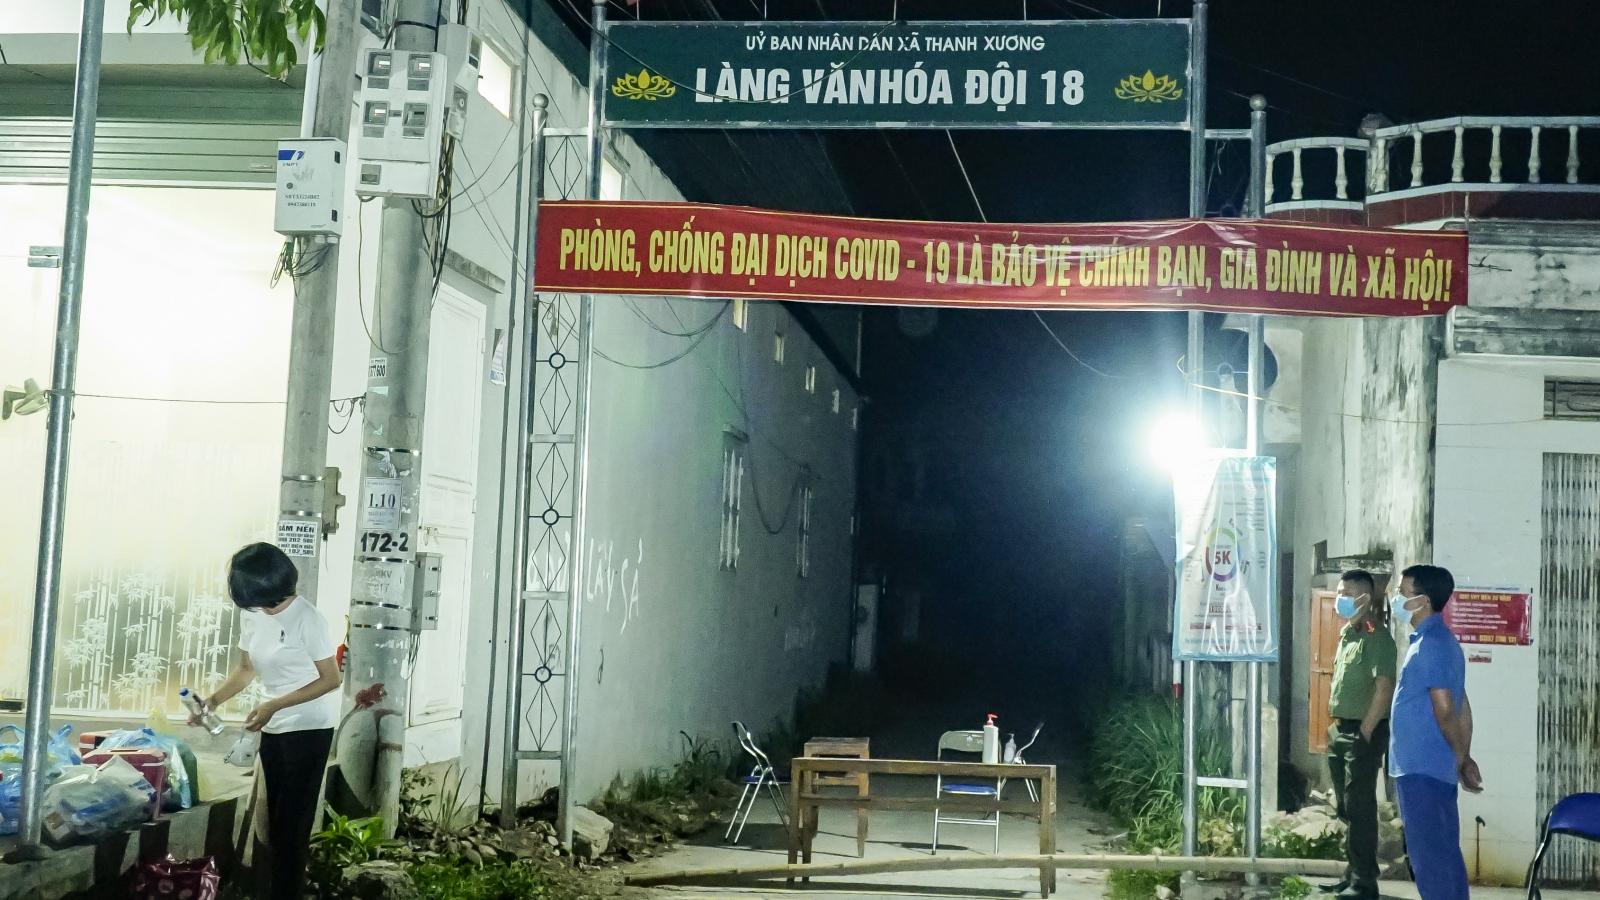 Điện Biên phong tỏa tạm thời khu vực sinh sống của bệnh nhân 3353